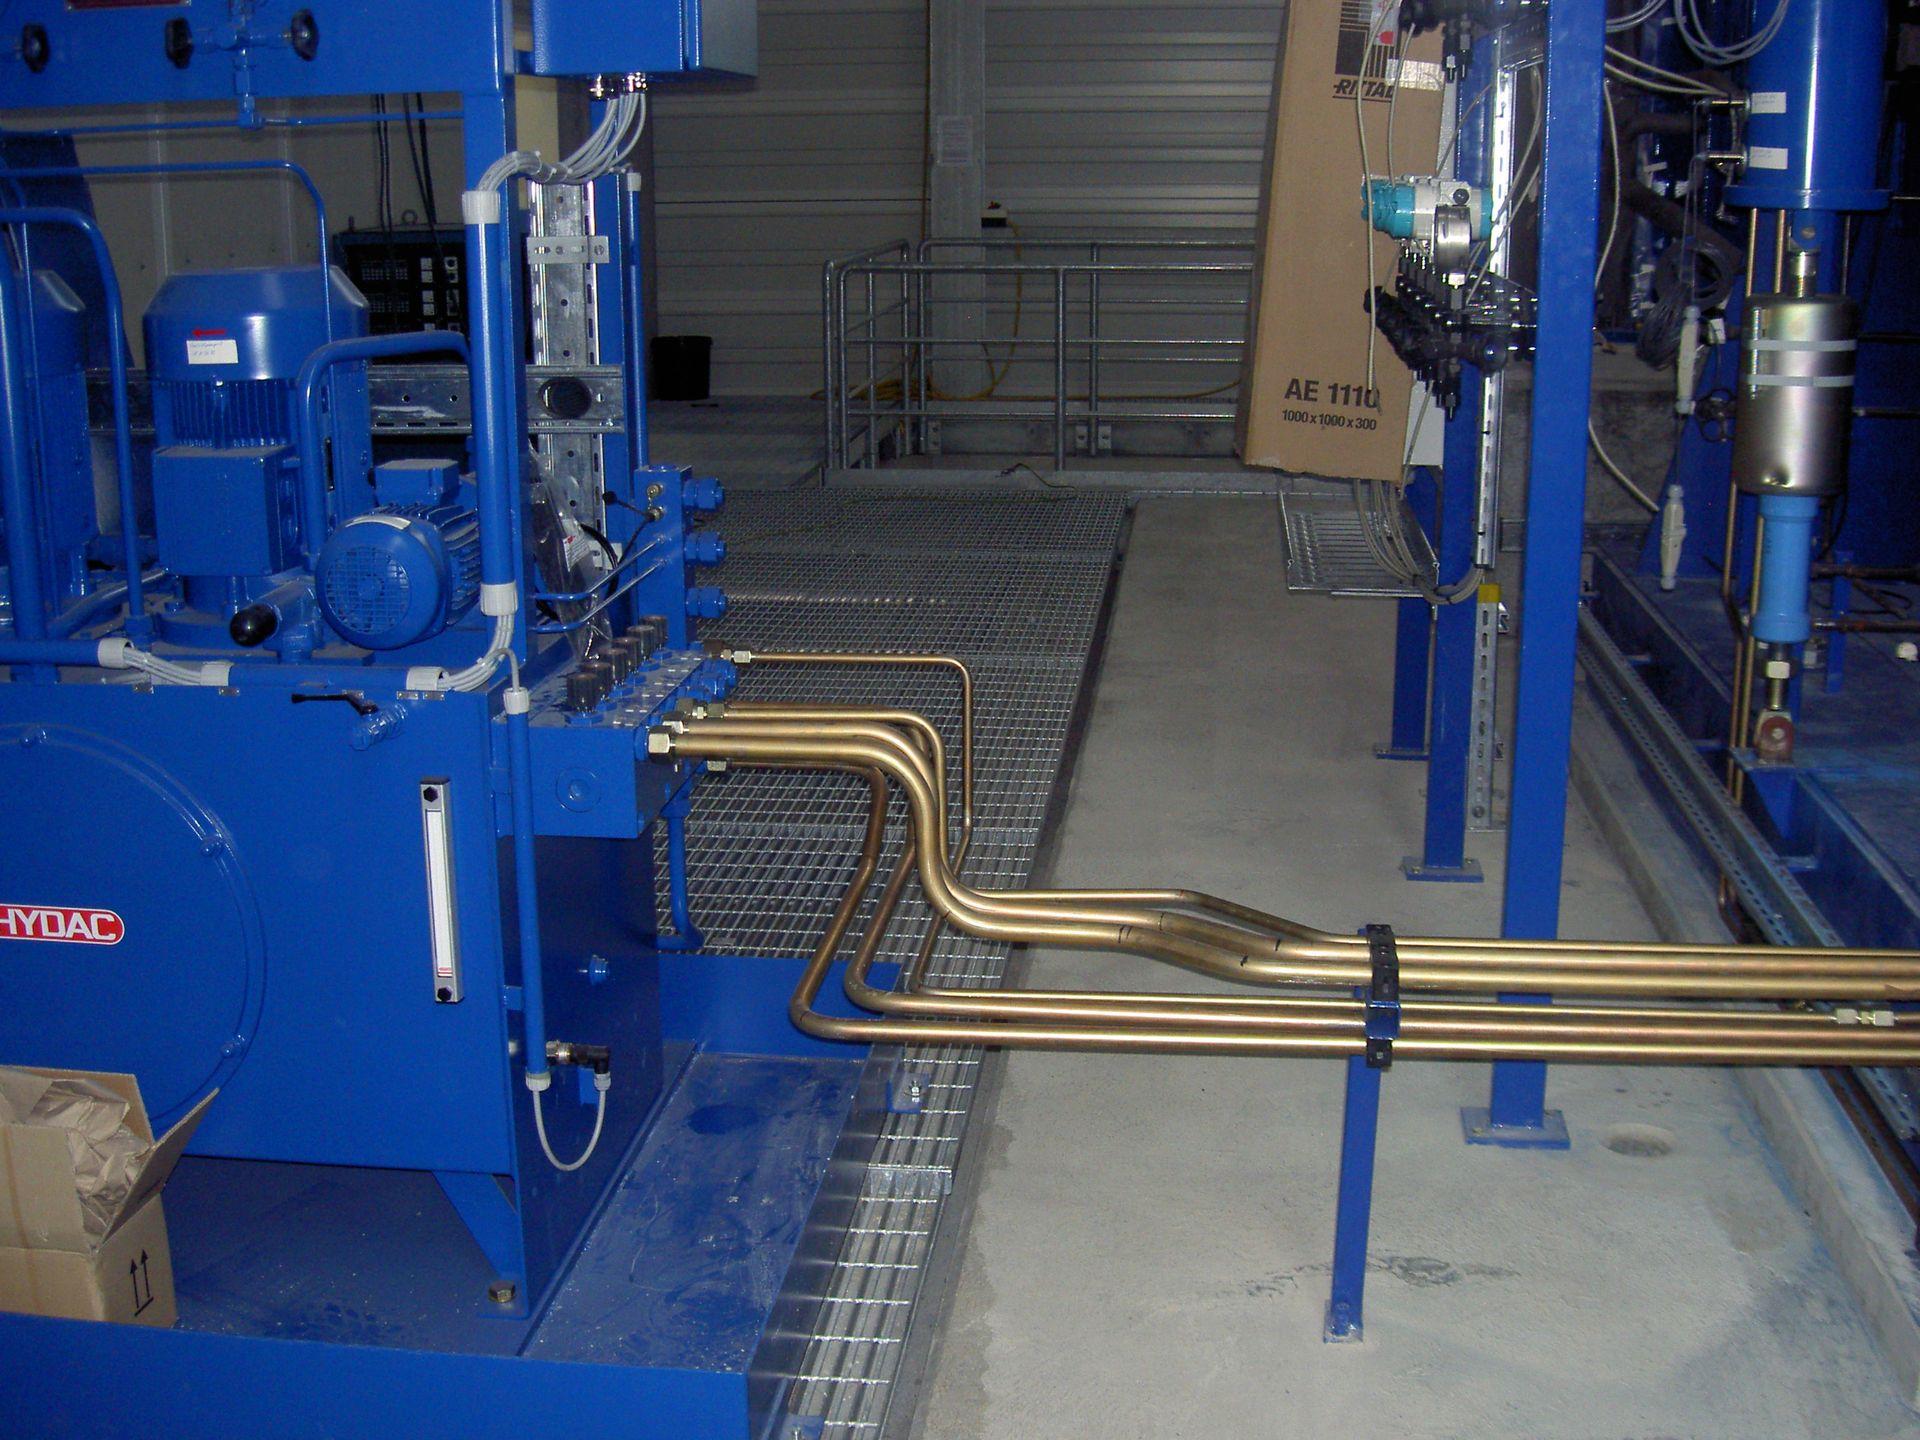 Blick auf die Rohrleitung einer Hydraulikanlage